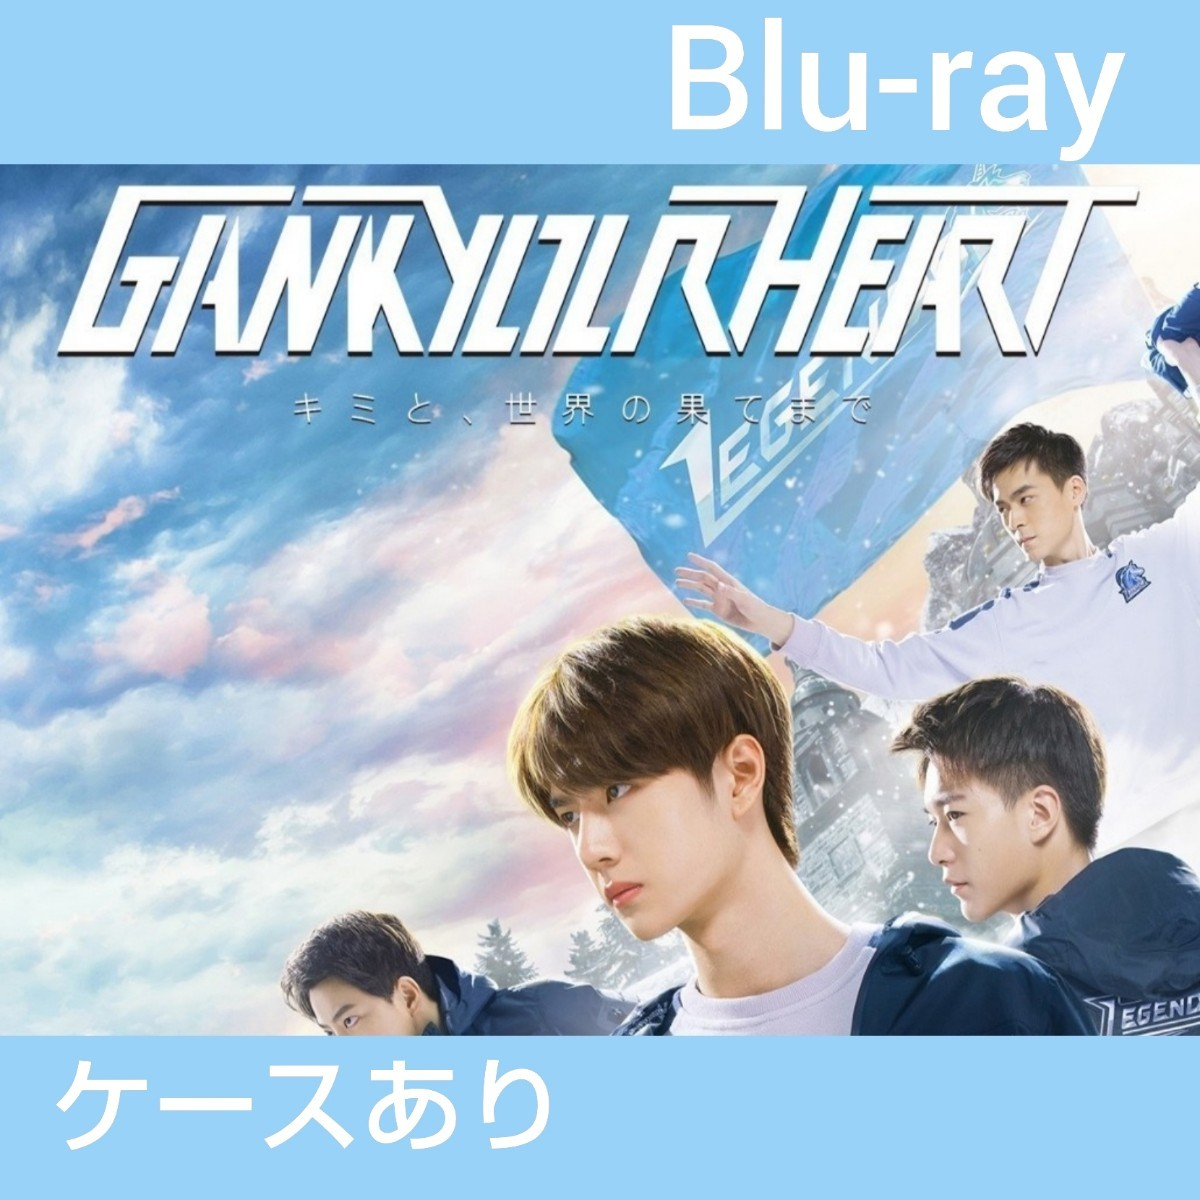 中国ドラマ GANK YOUR HEART 全話 Blu-ray